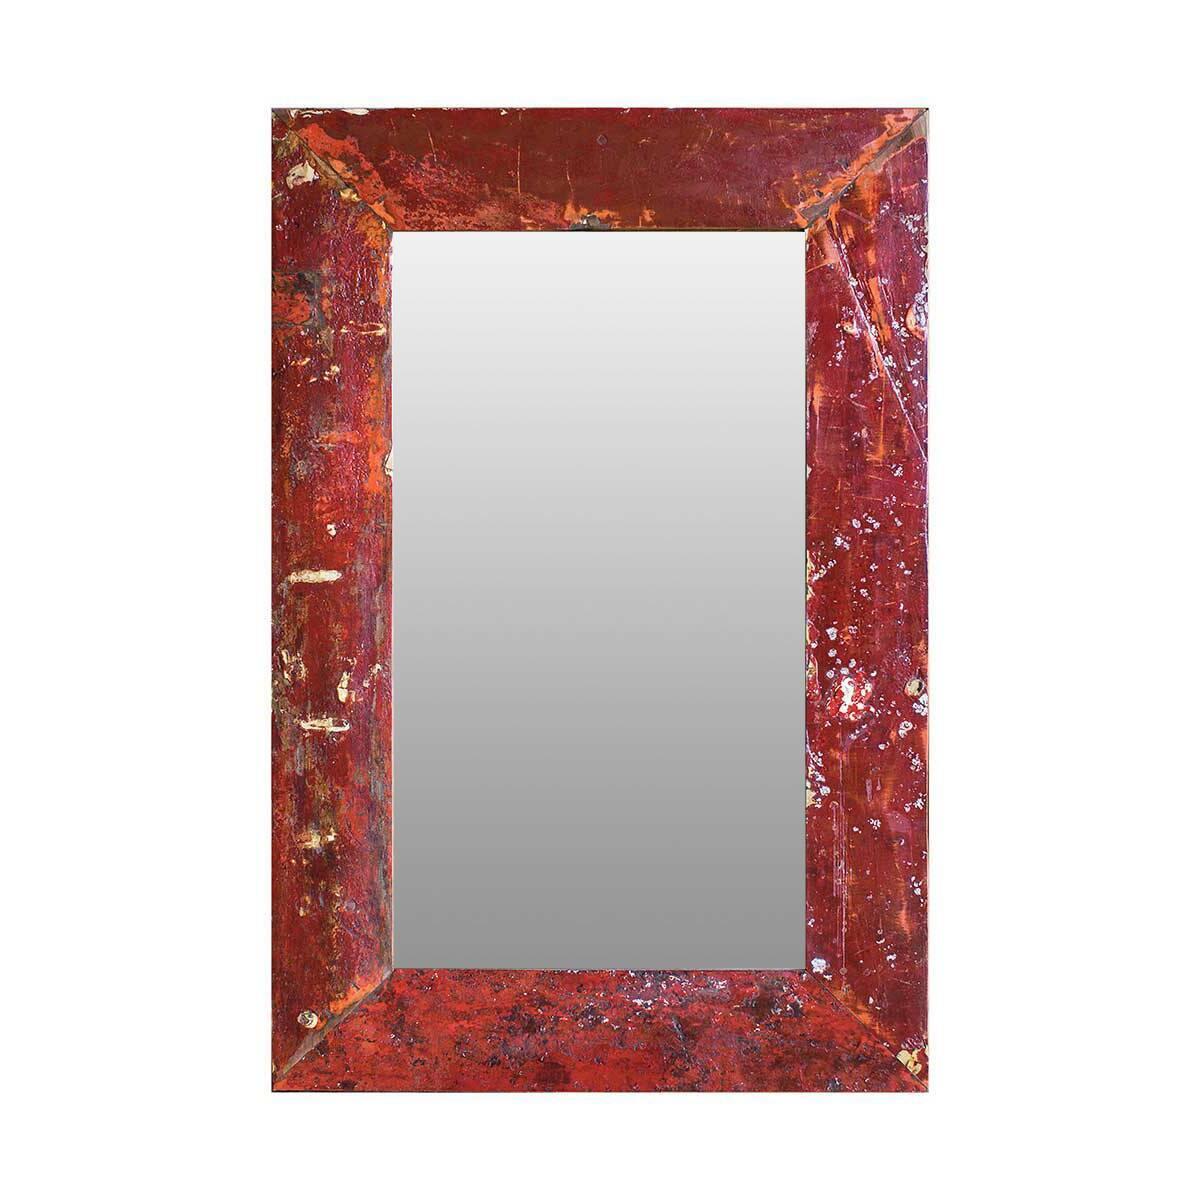 Зеркало Свет мой зеркальце высота 120Настенные<br>Зеркало Свет мой зеркальце высота 120 выполнено из массива древесины старого рыбацкого судна, такой как тик, махагон, суар, с сохранением оригинальной многослойной окраски. Древесина обладает высокой износостойкостью, долговечностью и водоотталкивающими свойствами. Ее использовали индонезийские рыбаки для создания лодок, а мебель из нее подходит для использования как внутри помещения, так и снаружи. Покрыто натуральным шеллаком.<br><br><br> Зеркало Свет мой зеркальце высота 120 сделано из частей...<br><br>stock: 0<br>Высота: 120<br>Ширина: 80<br>Глубина: 4<br>Материал: Тик<br>Цвет: Бордовый